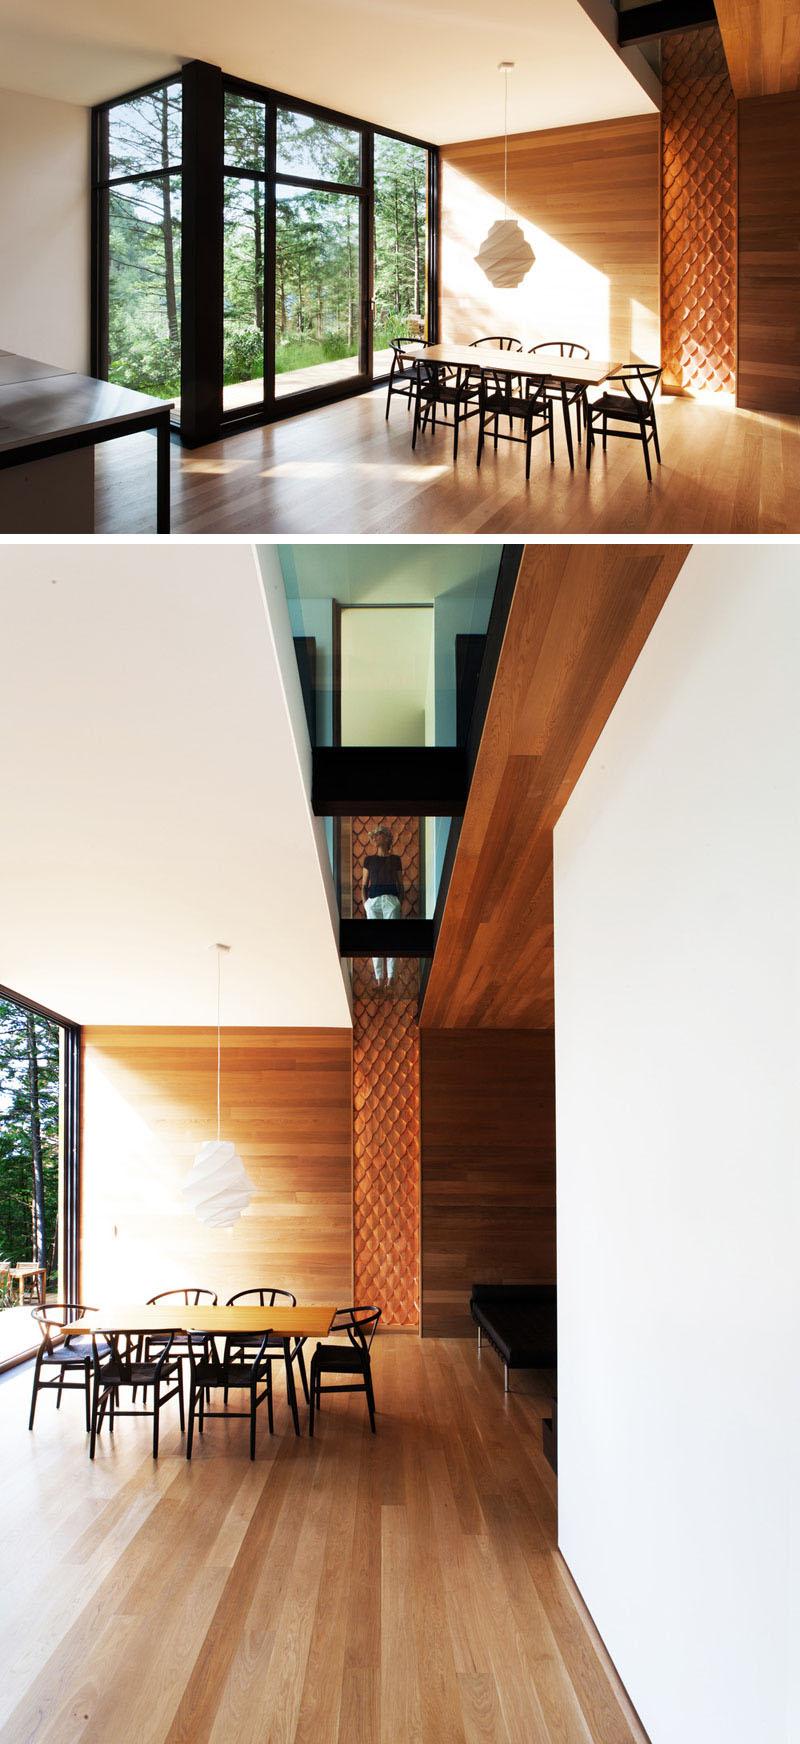 contemporary-architecture_010916_05